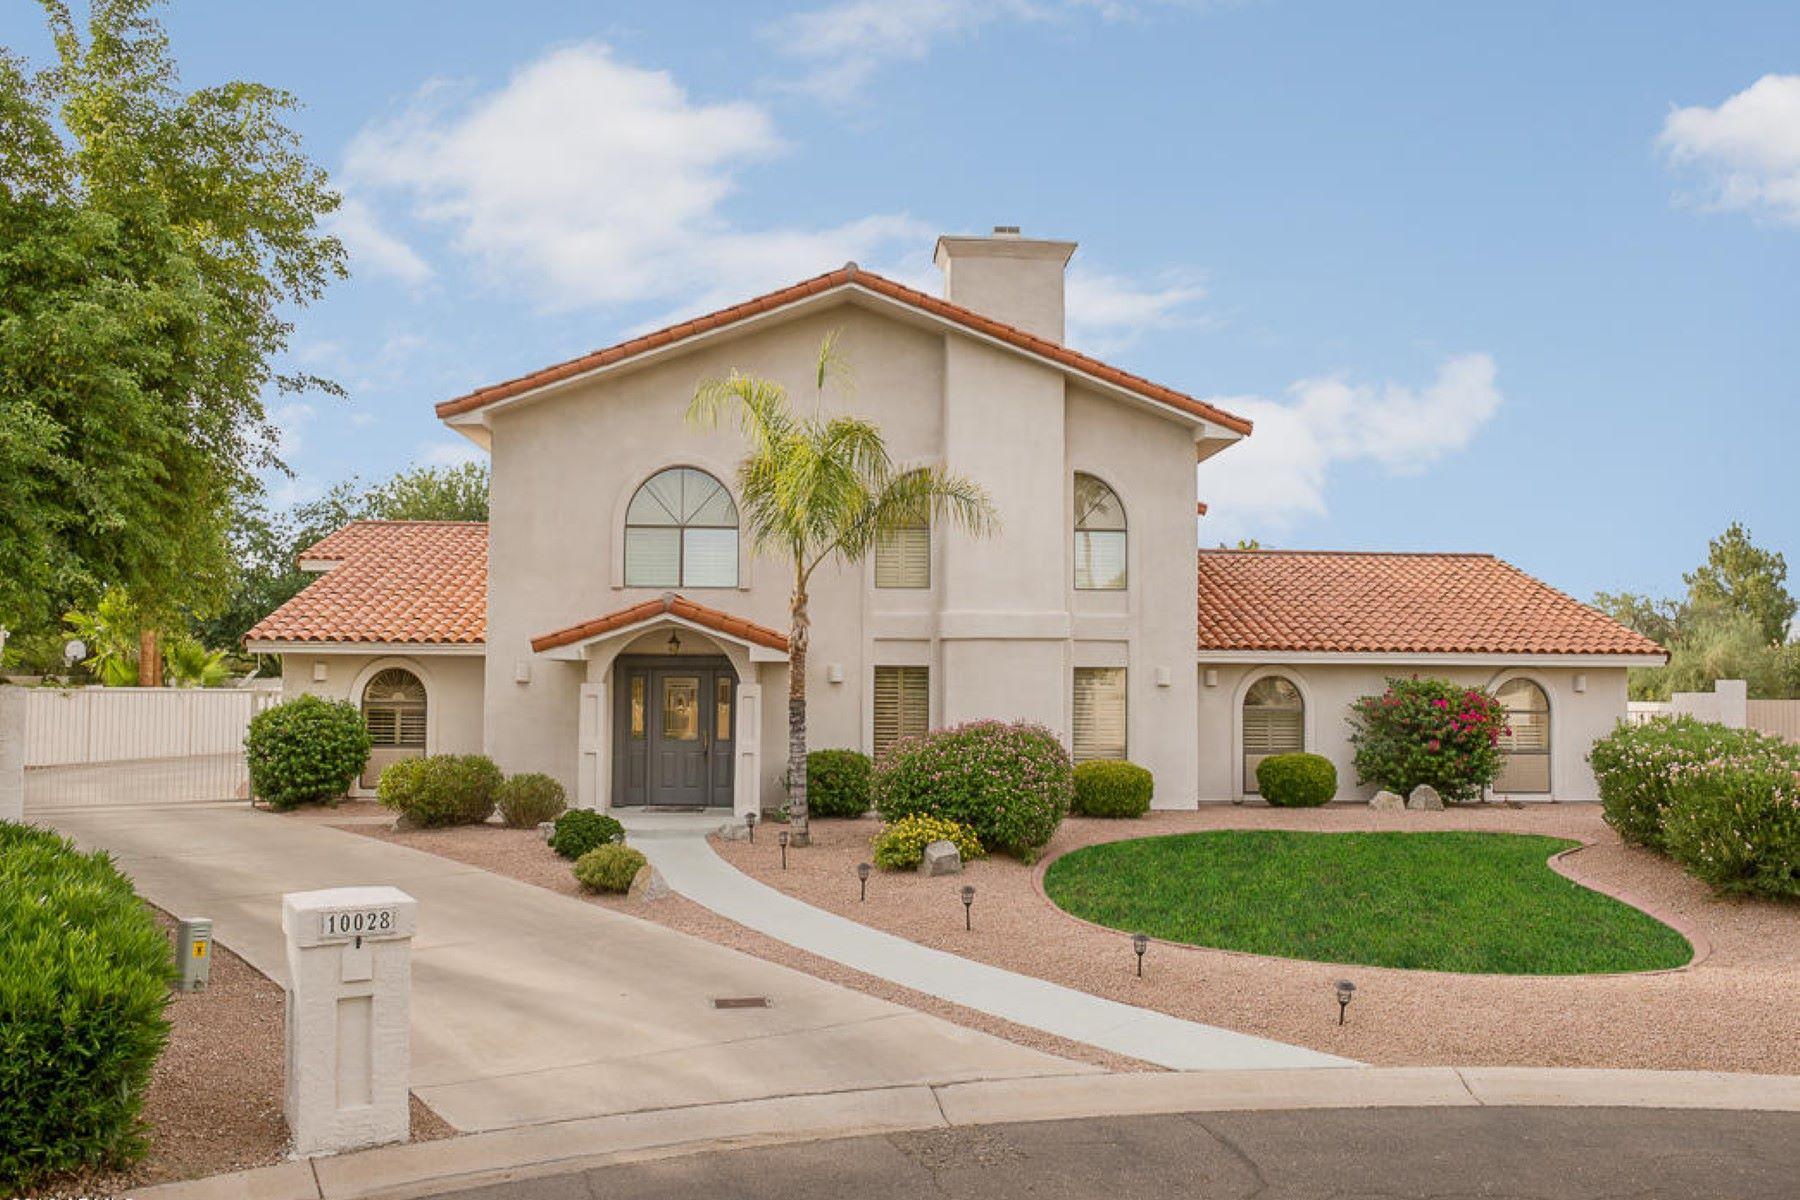 Maison unifamiliale pour l Vente à Santa Barbara home in Singletree Ranch 10028 N 55th Place Paradise Valley, Arizona, 85253 États-Unis